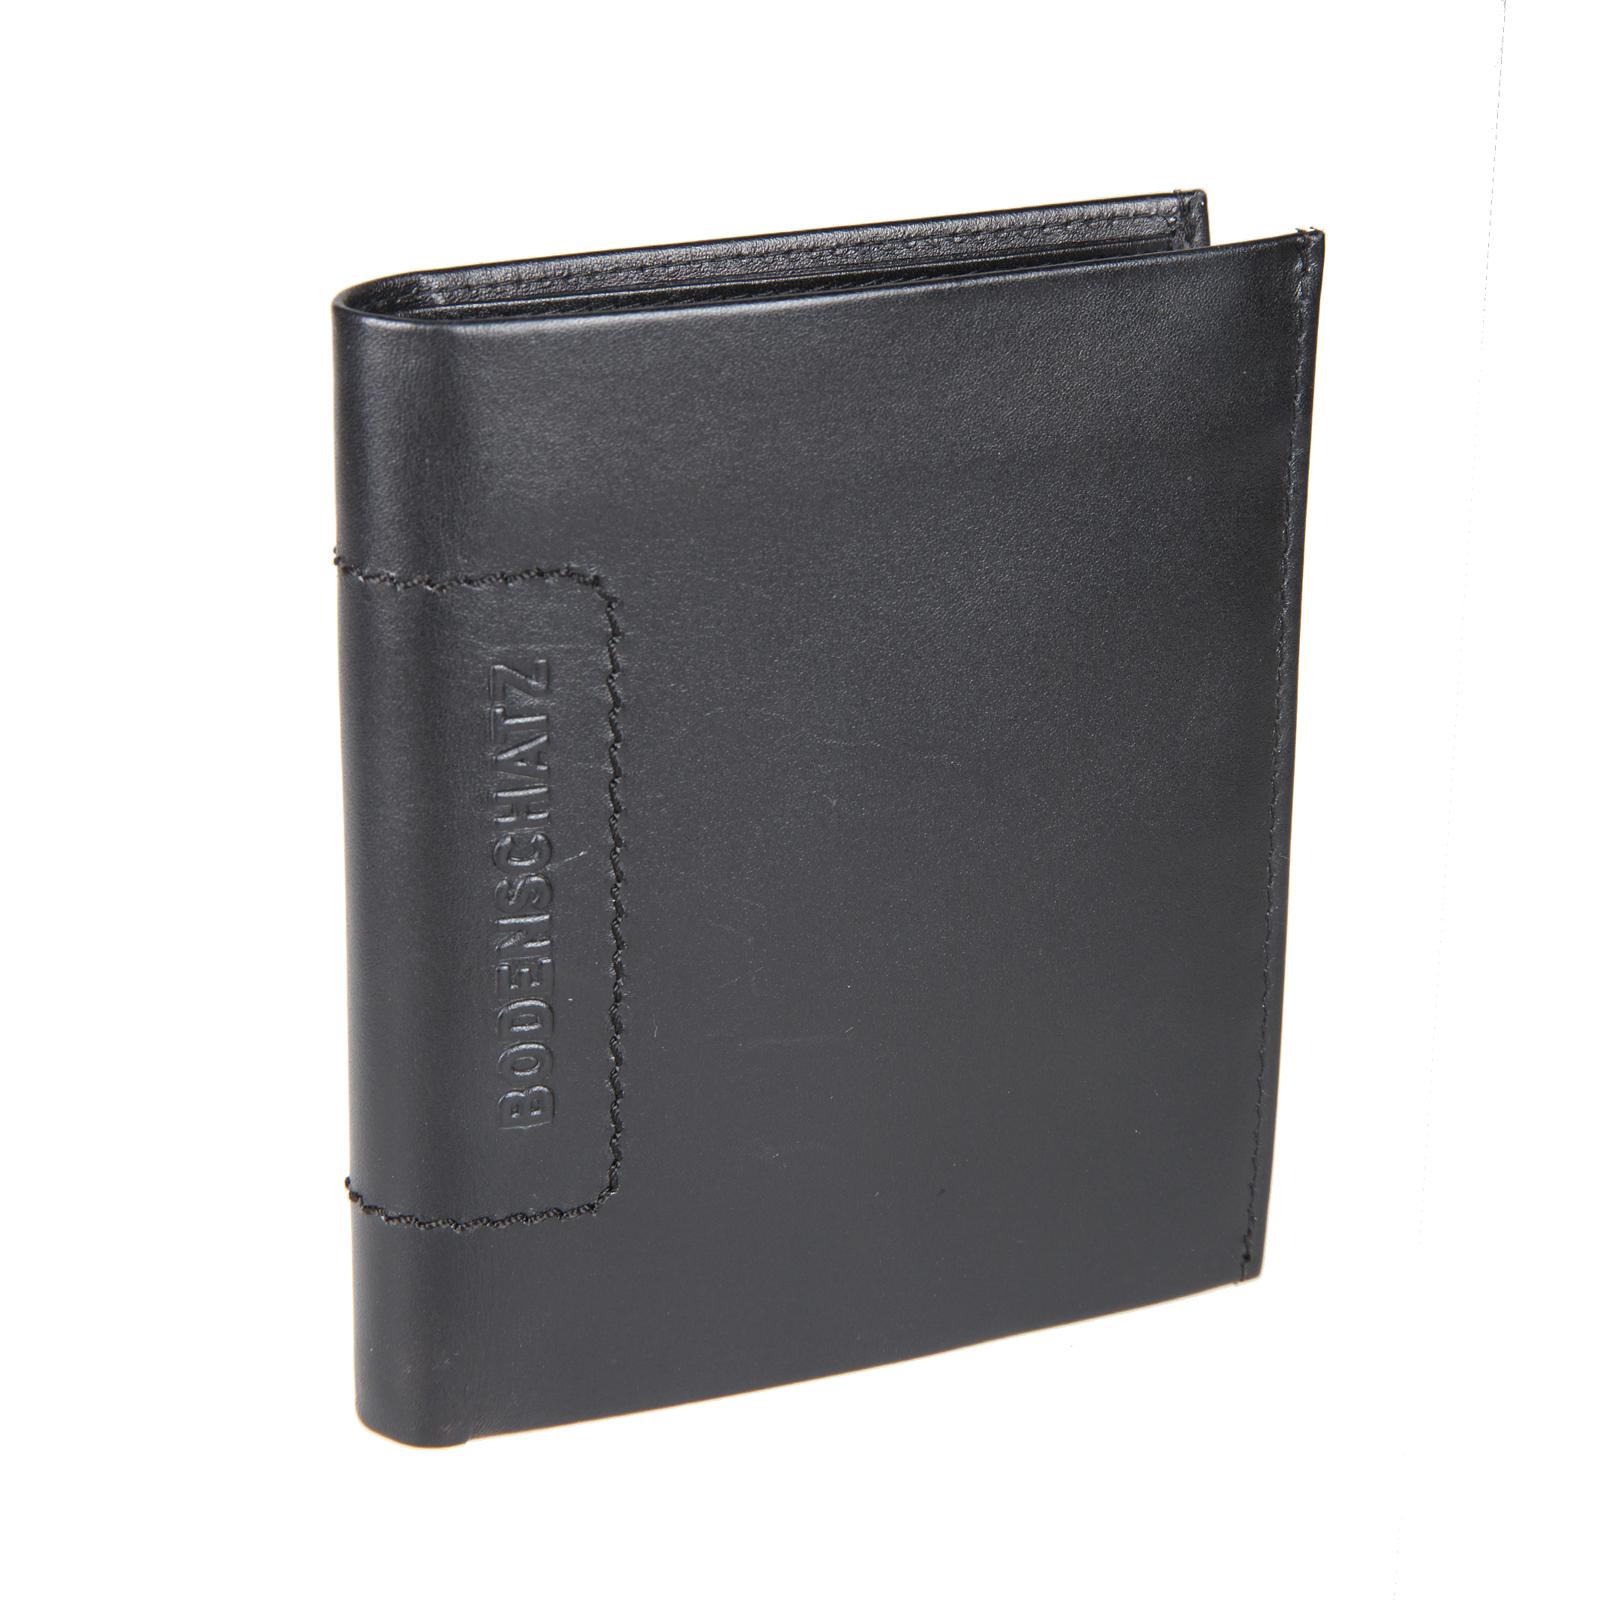 Портмоне мужское Bodenschatz, цвет: черный. 8-503 black8-503 blackРаскладывается пополам, внутри два отдела для купюр, отделение для мелочи закрывается клапаном на кнопке, три потайных кармана, пятнадцать кармашков для пластиковых карт.